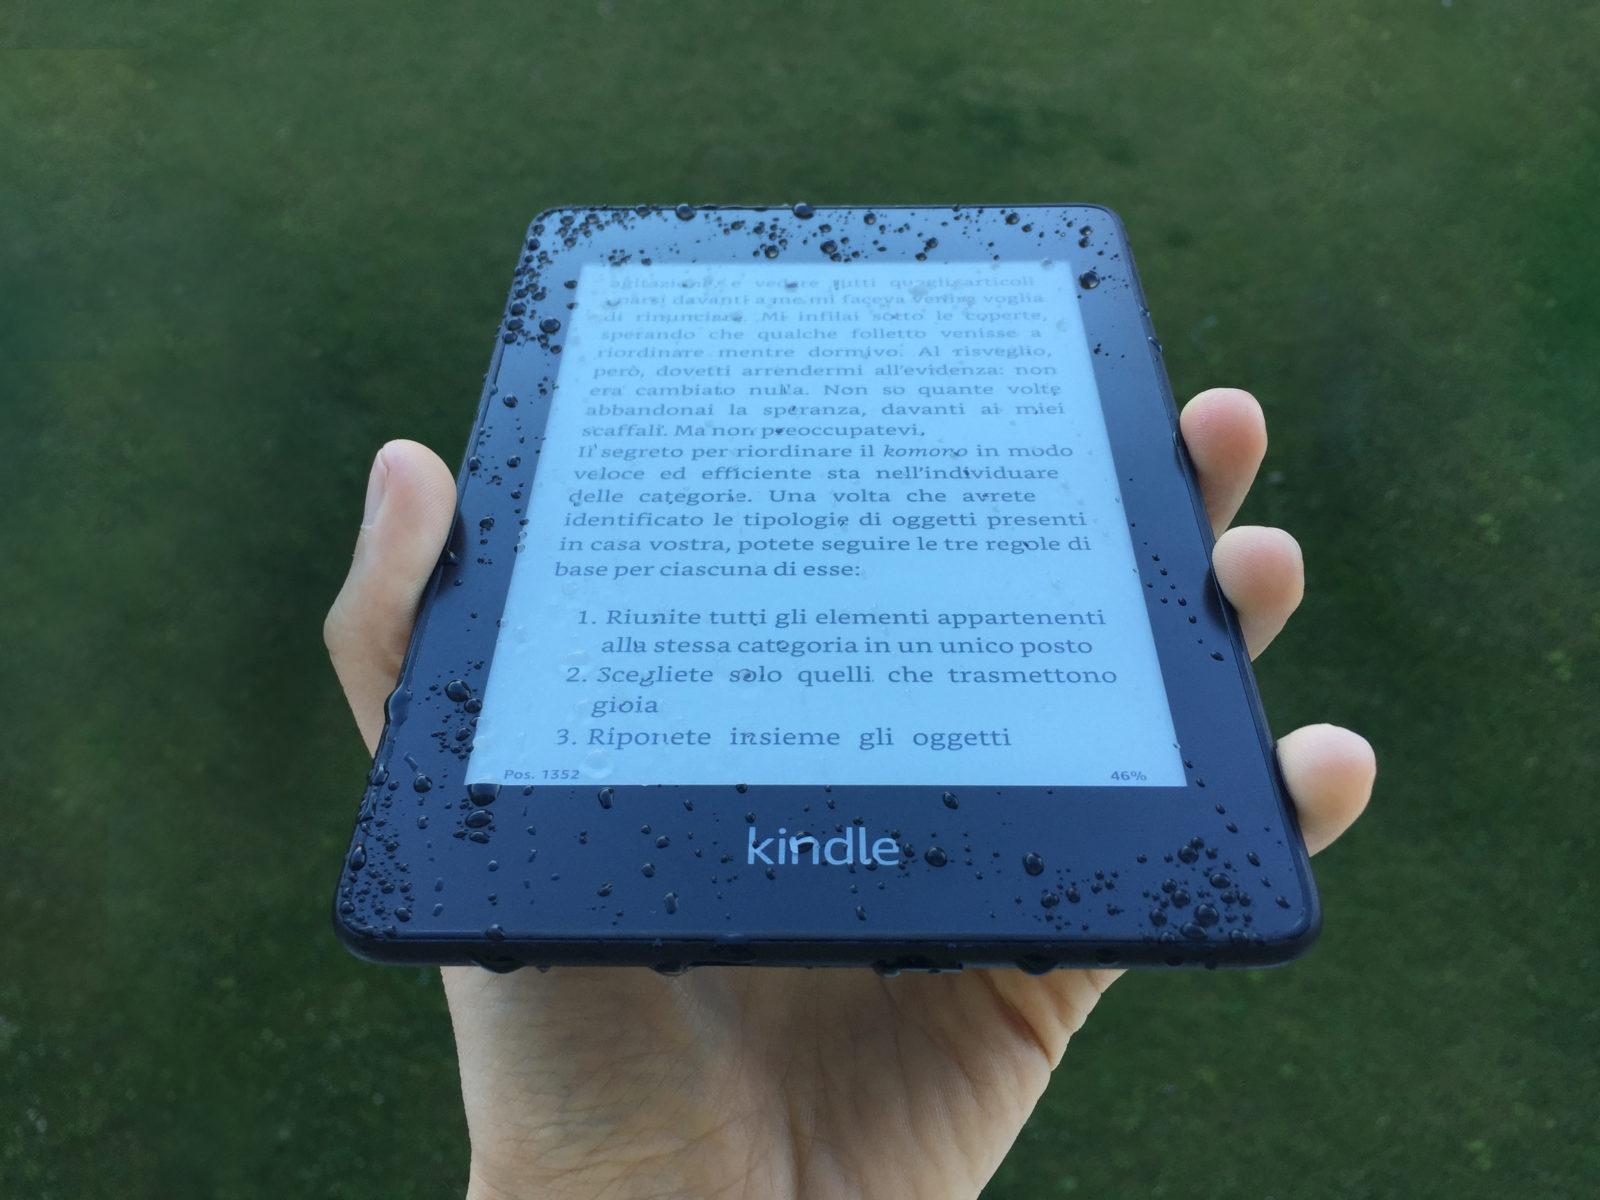 La versione attuale di Kindle Paperwhite